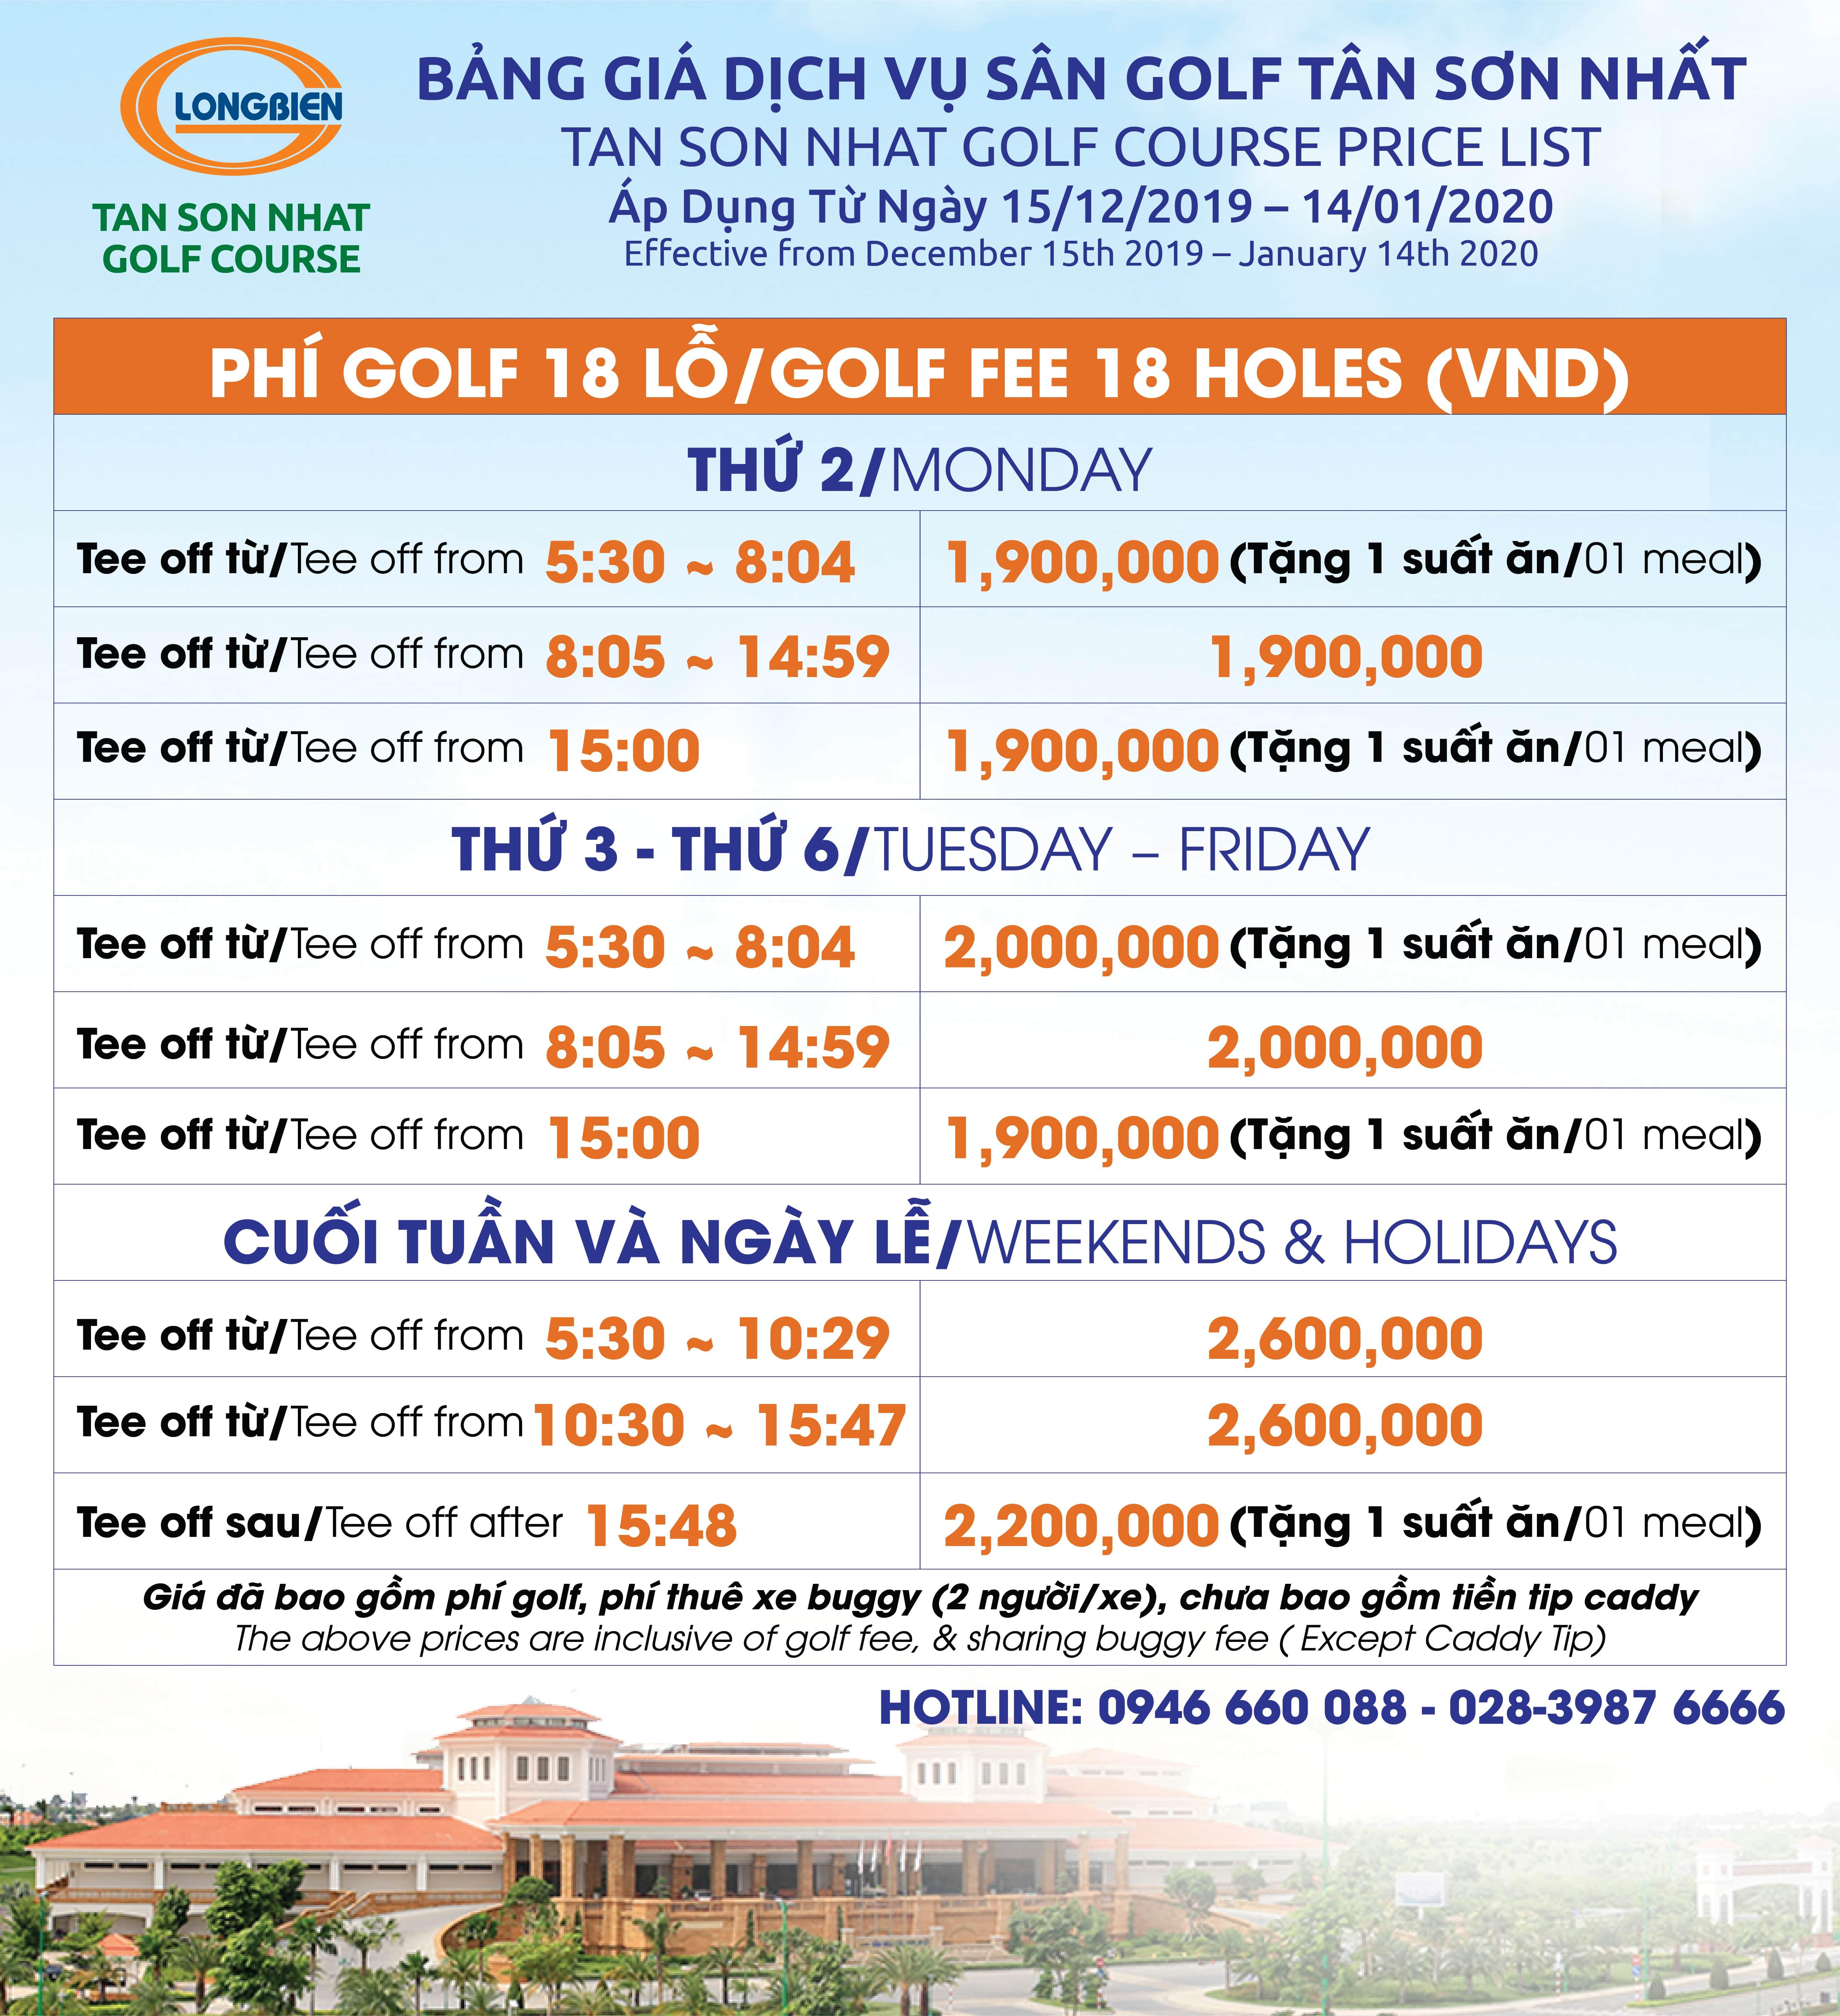 Bảng giá Dịch vụ Sân Golf Tân Sơn Nhất áp dụng từ 15/12/2019 - 14/01/2020